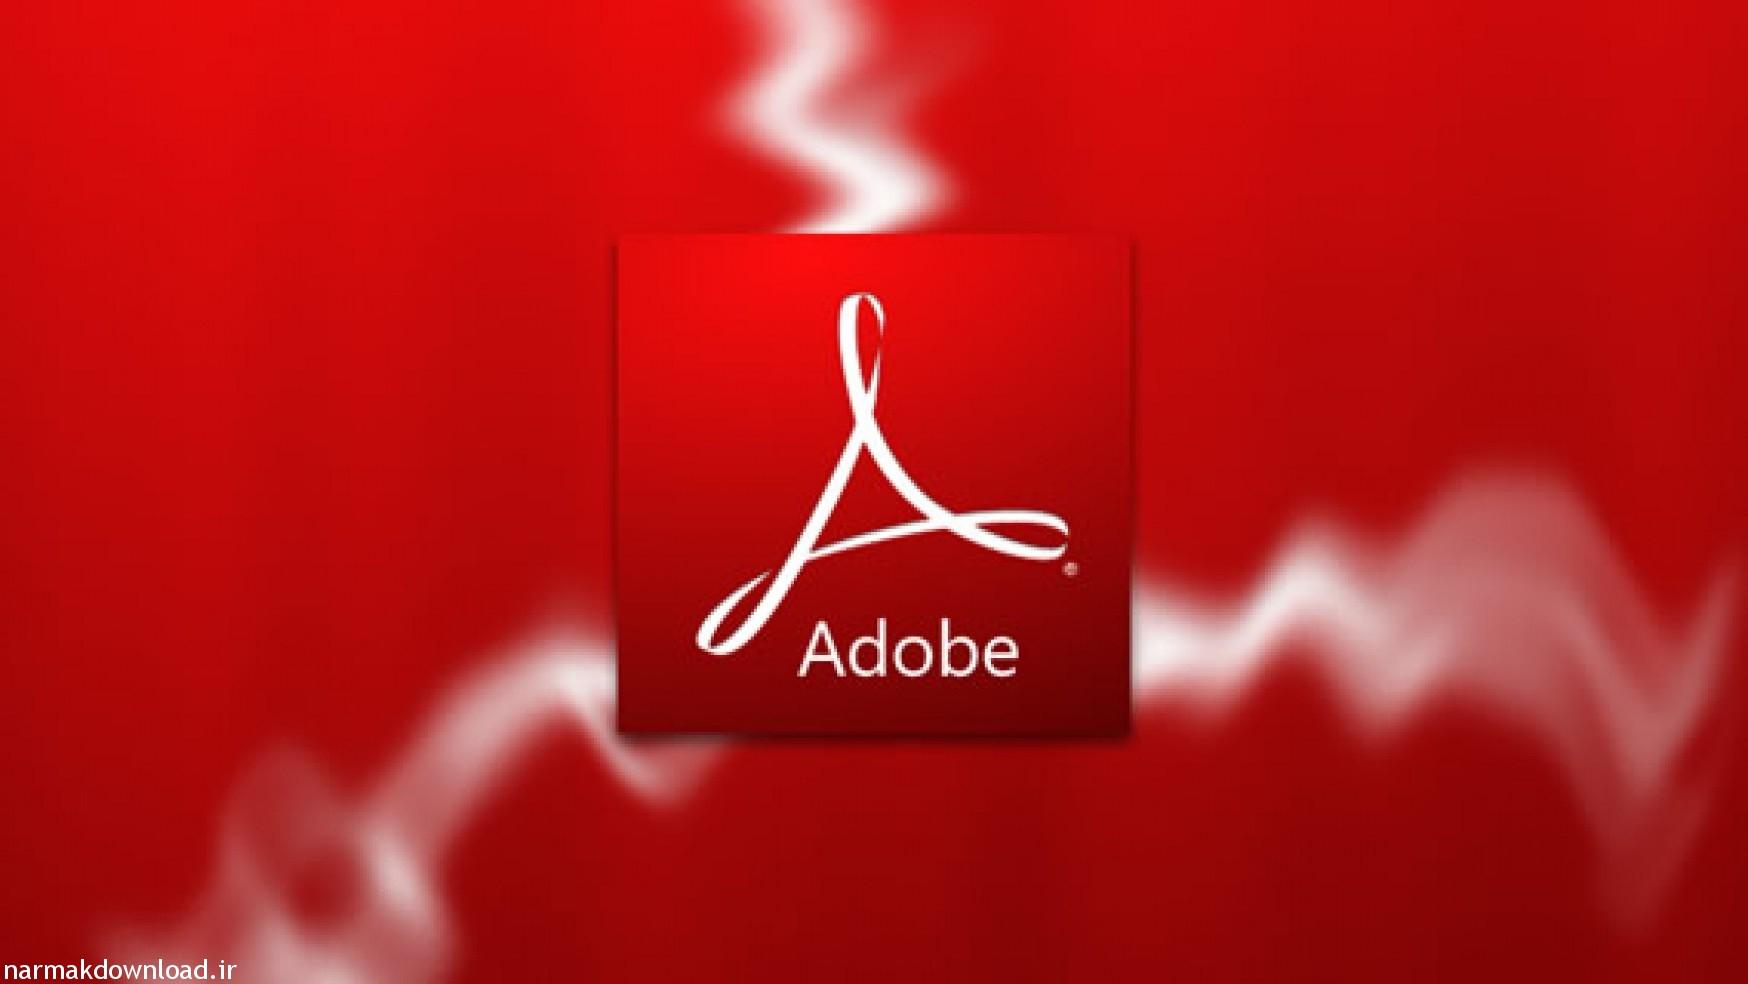 دانلود نسخه جدید Adobe Flash Player با لینک مستقیم از نارمک دانلود